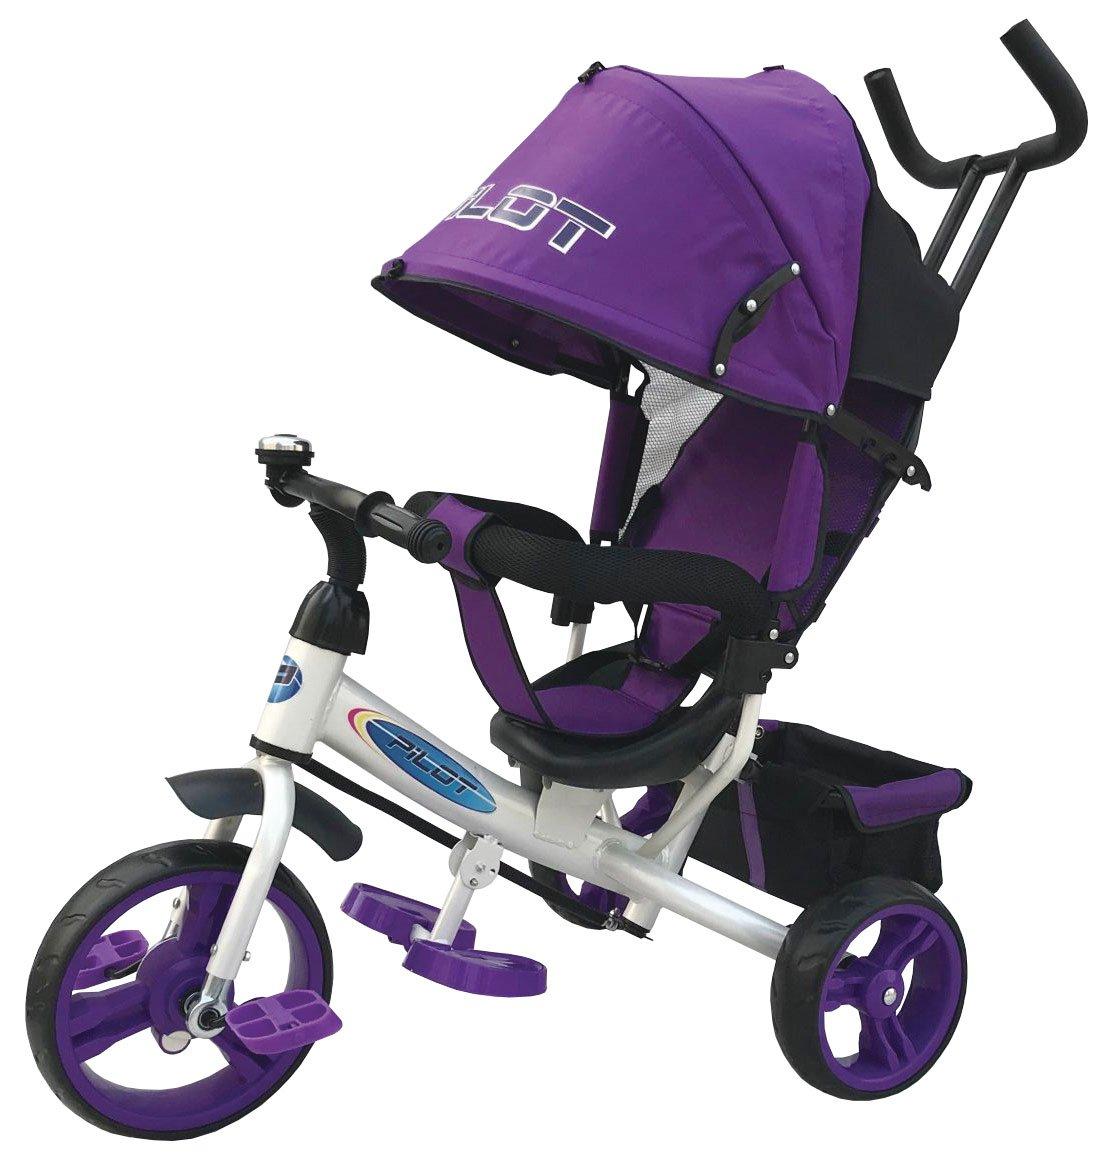 Купить Детский велосипед SHANTOU Pilot (PT3V/2019) фиолетовый, Фиолетовый, пластик, Металл, Текстиль, Китай, Велосипеды для взрослых и детей